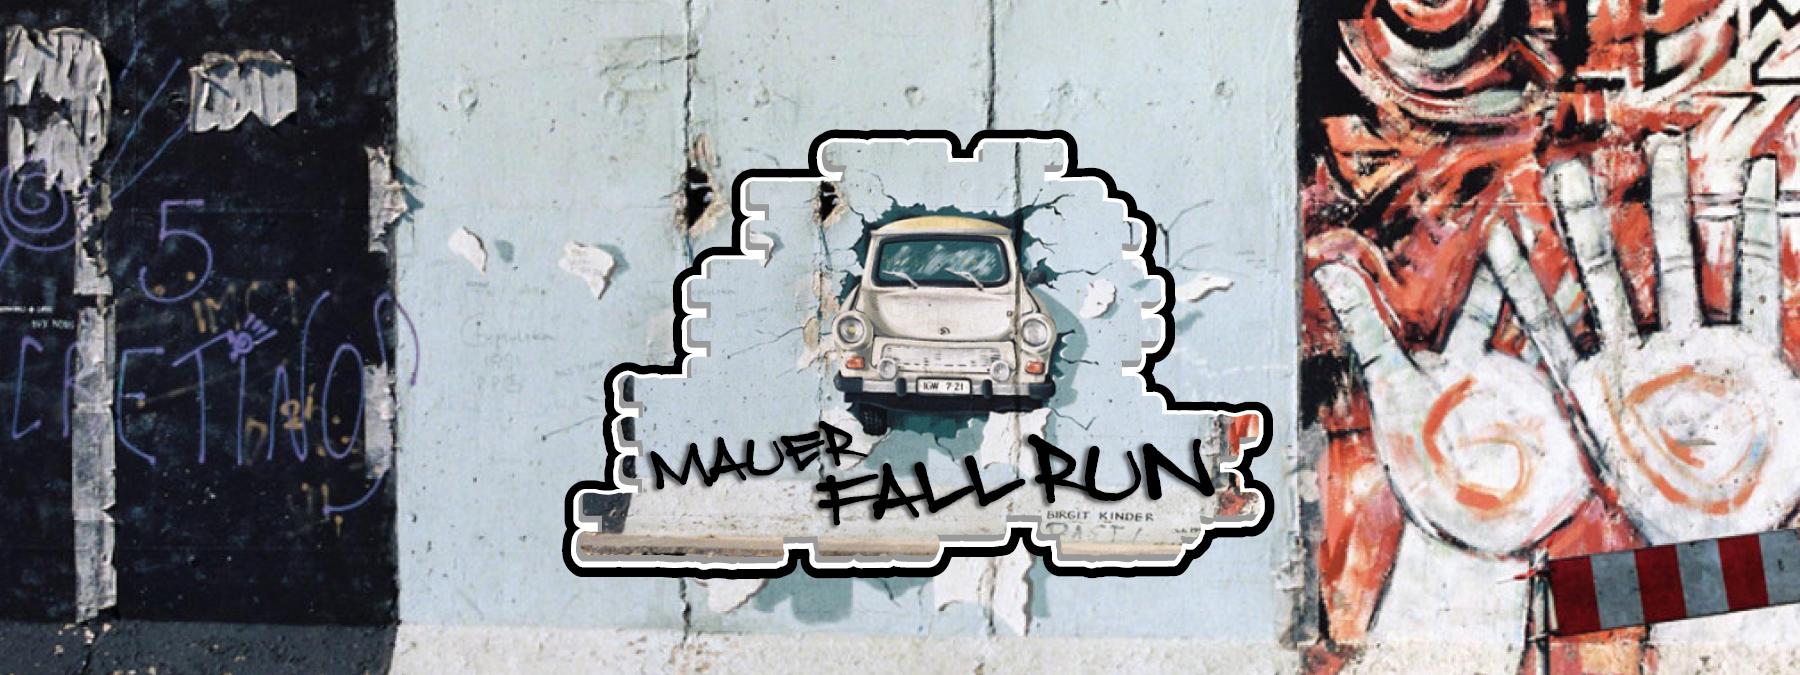 Mauerfall-Run